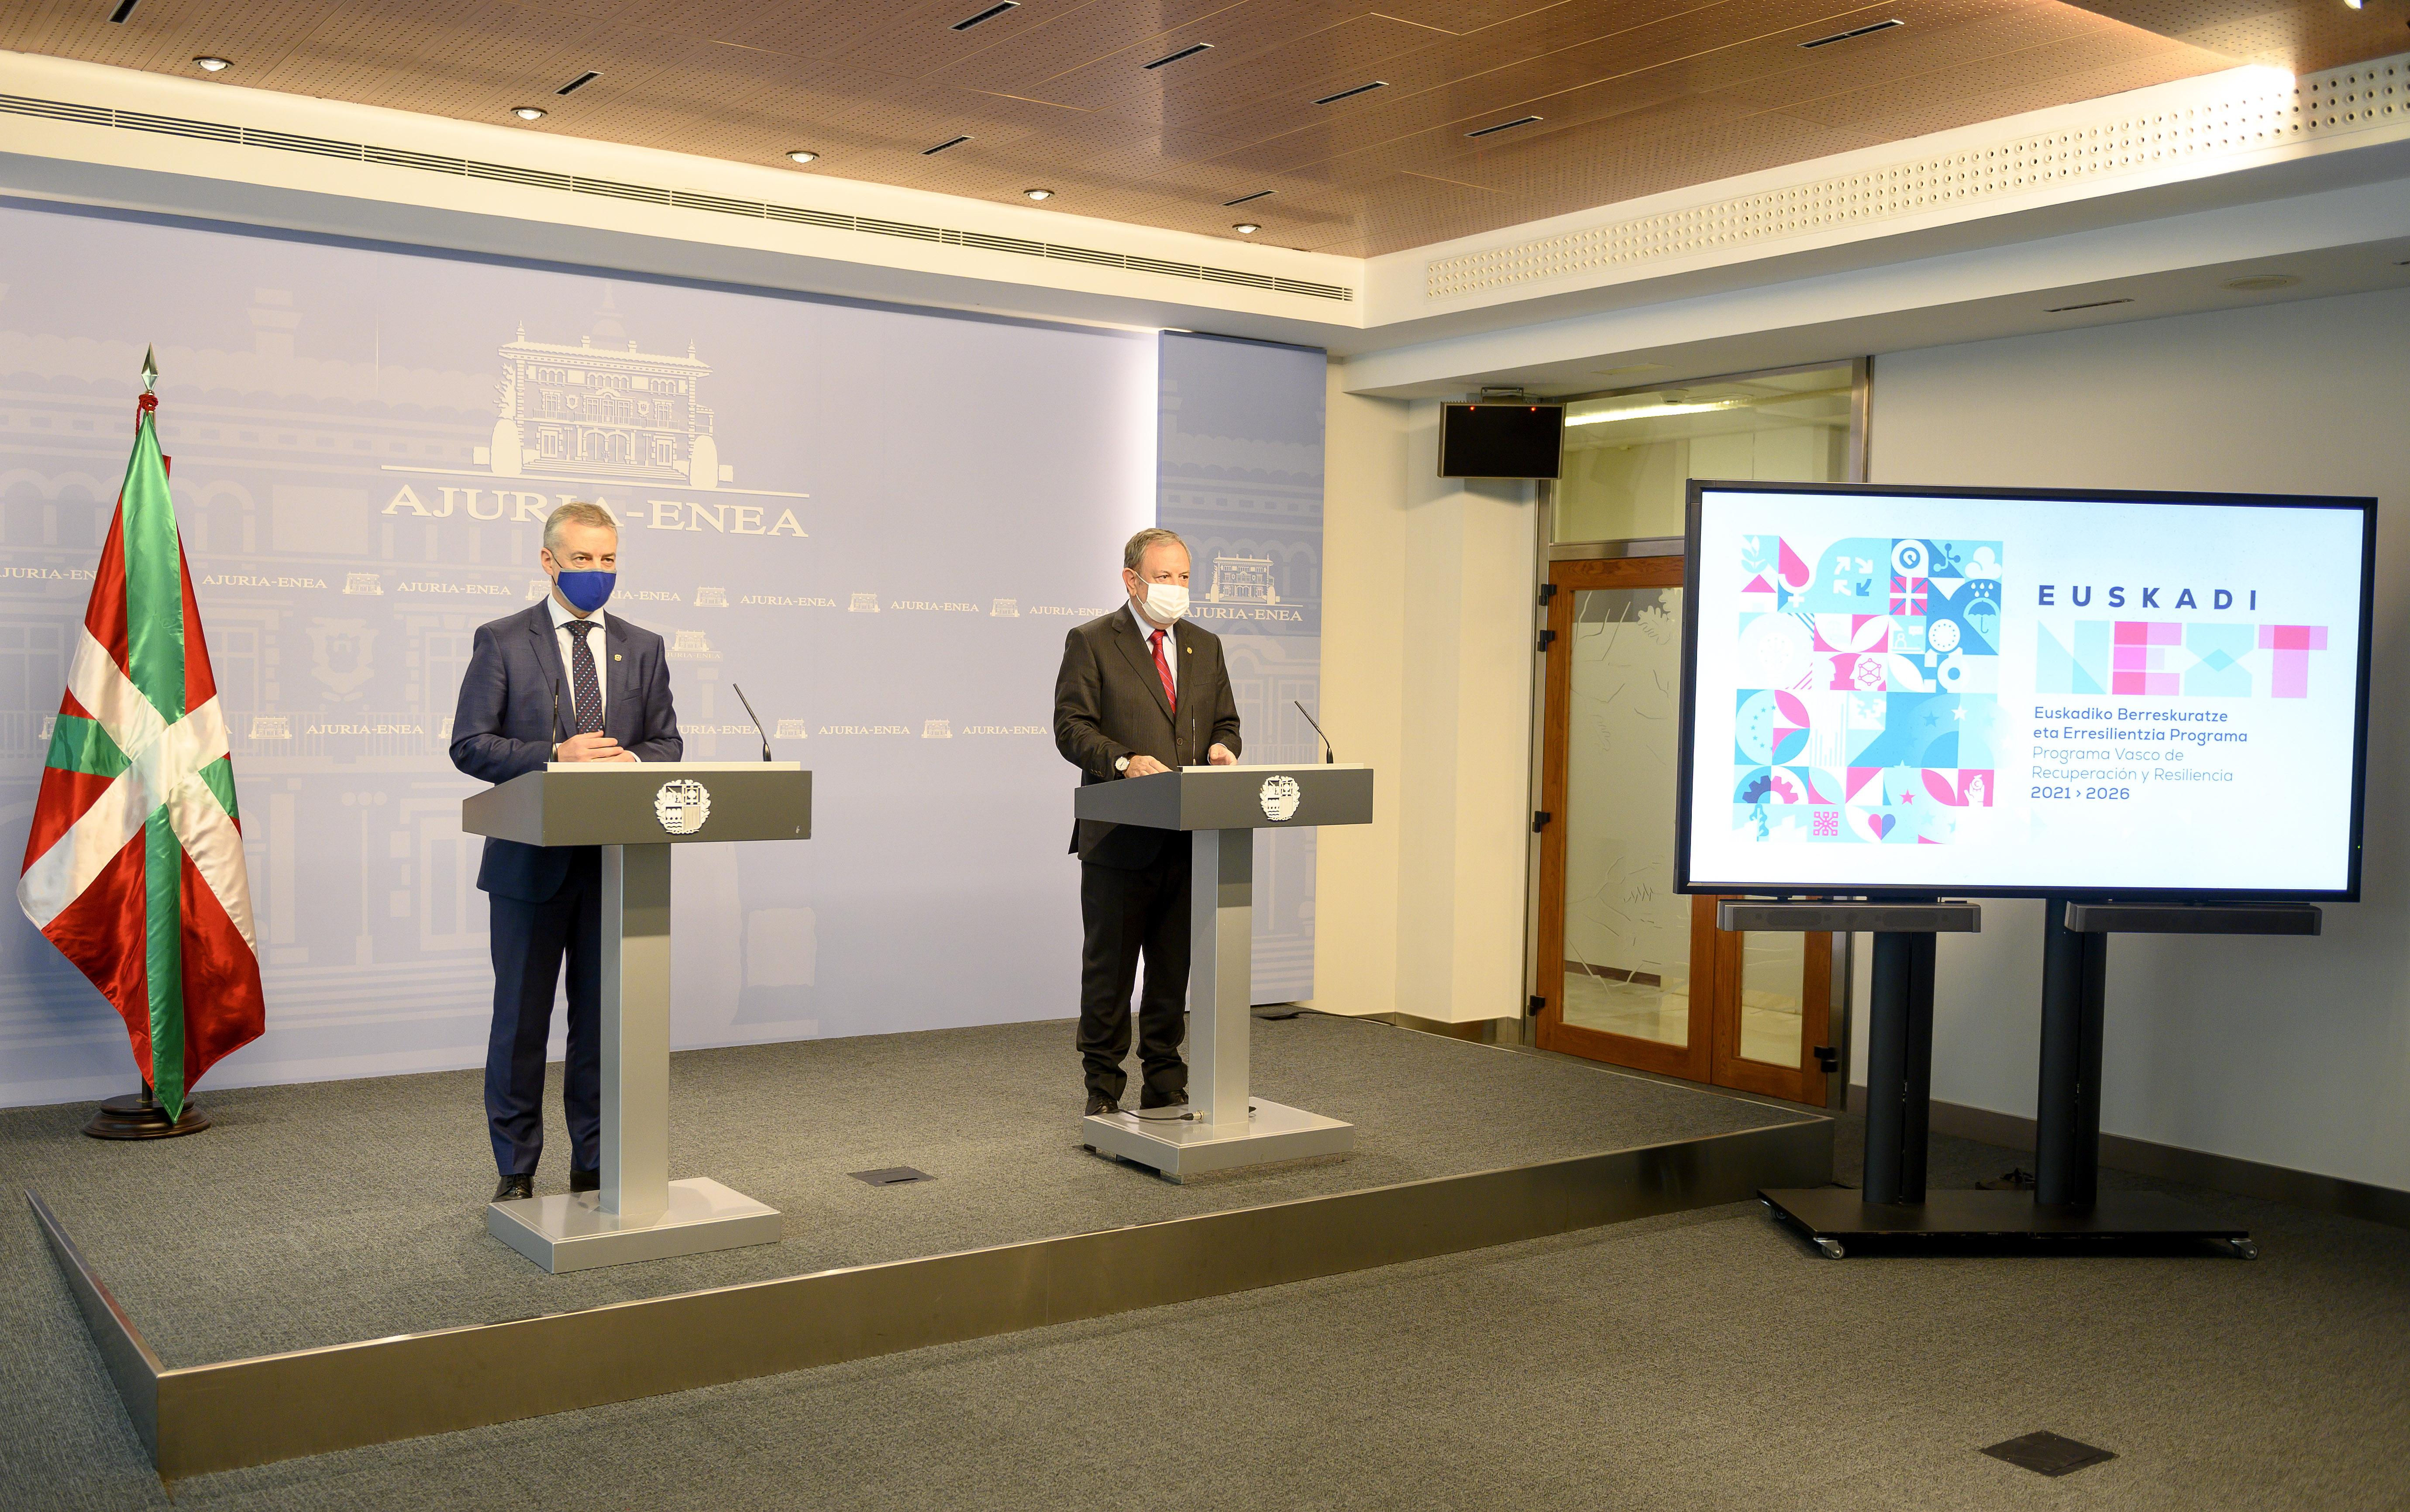 Euskadi pretende atraer 13.000 M/€ a través de los Fondos Next Generation EU [61:47]